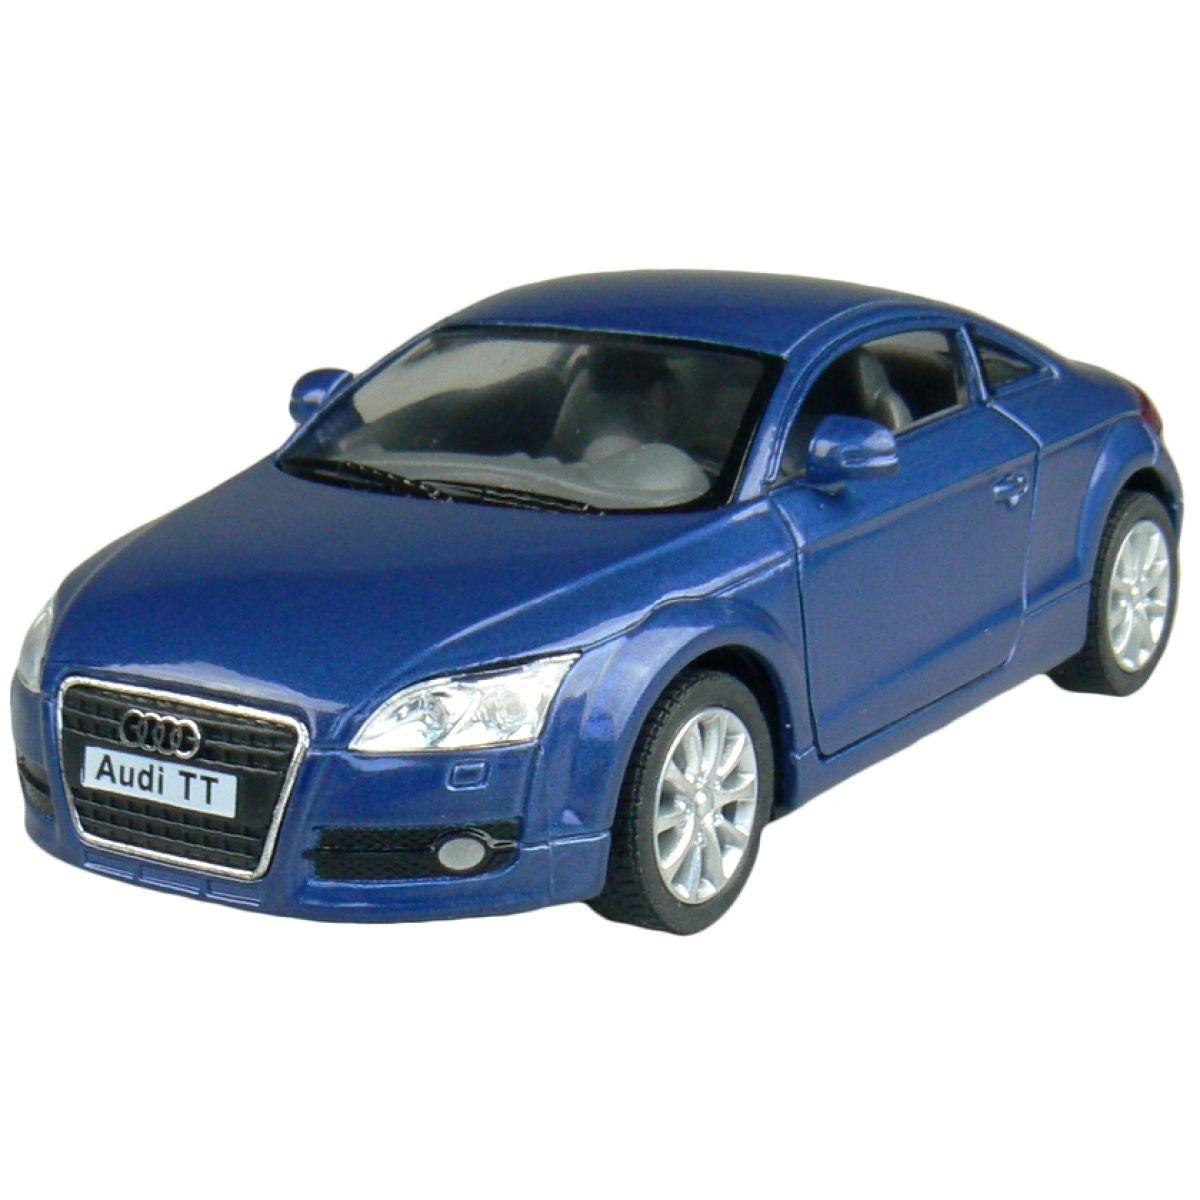 Kinsmart Auto Audi TT Coupé na zpětné natažení 13cm - Modrá